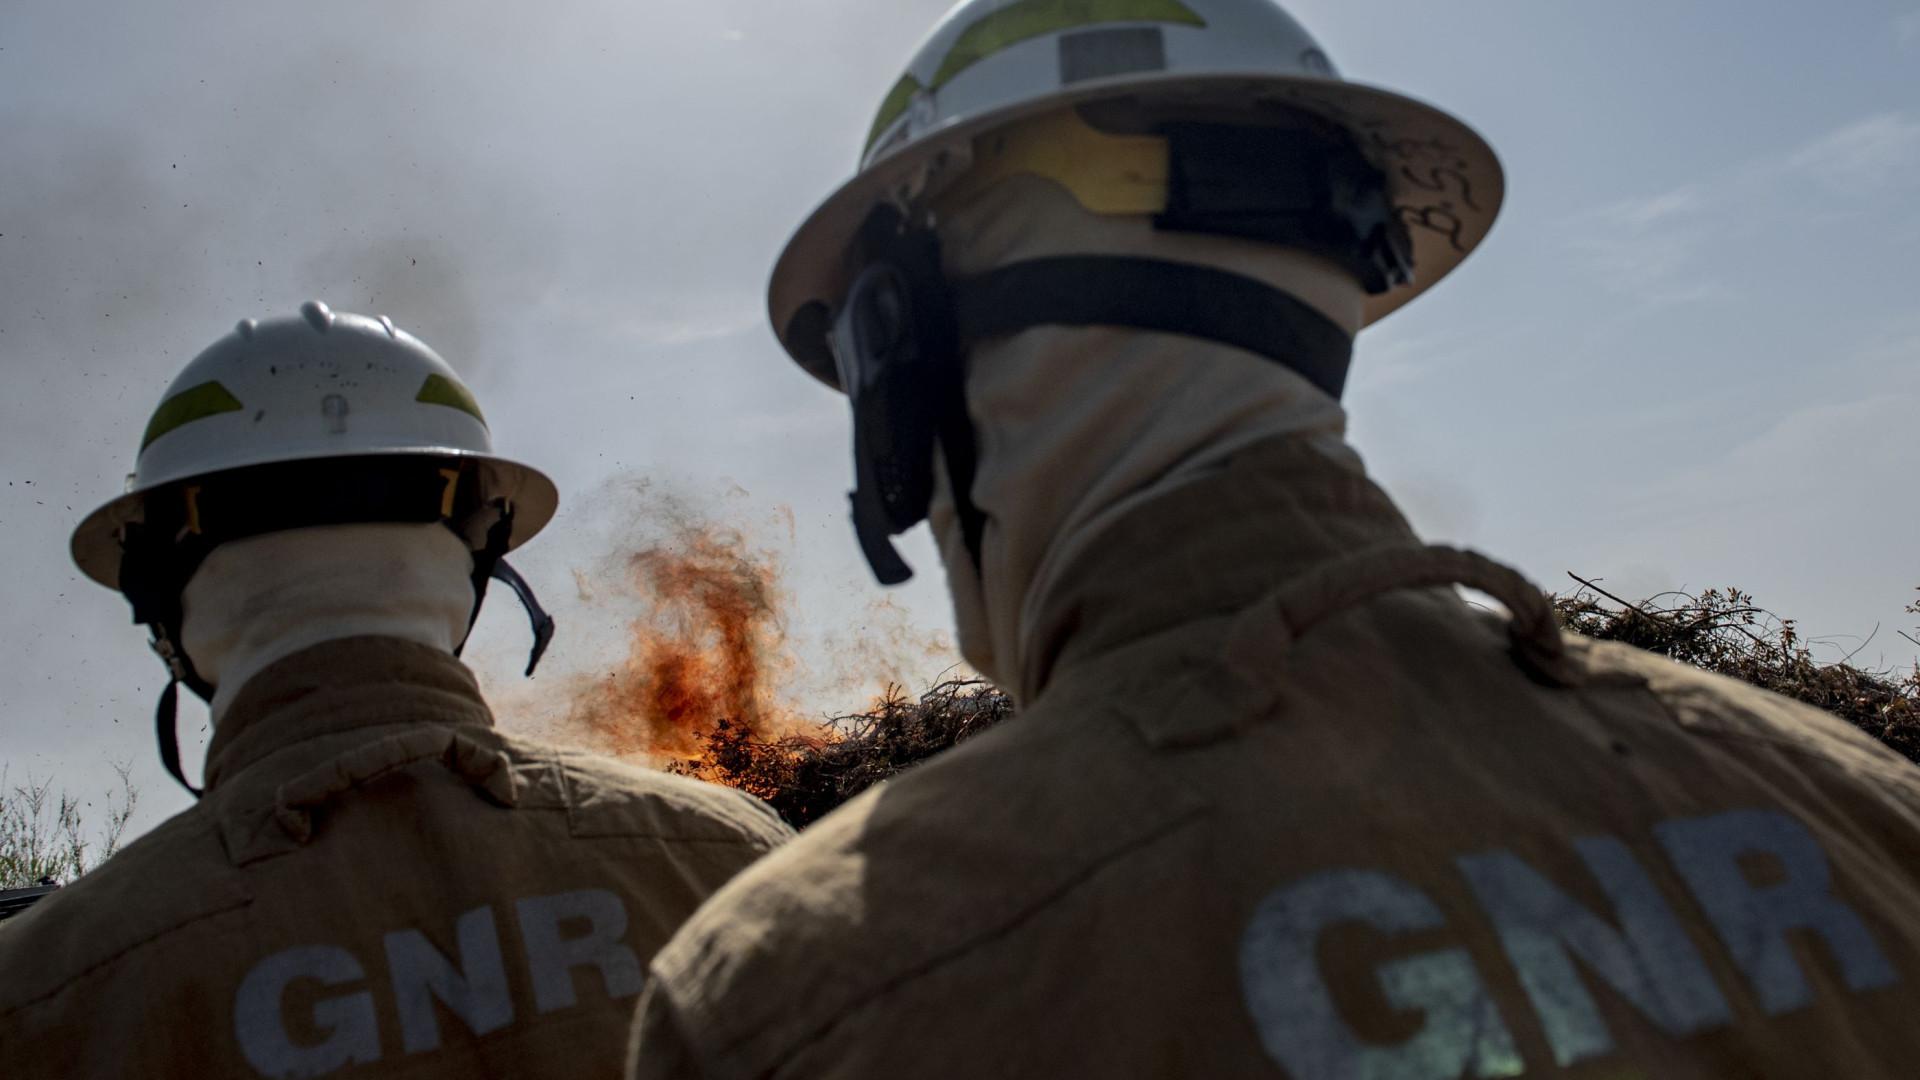 Aldeias evacuadas no concelho de Cascais devido ao fogo